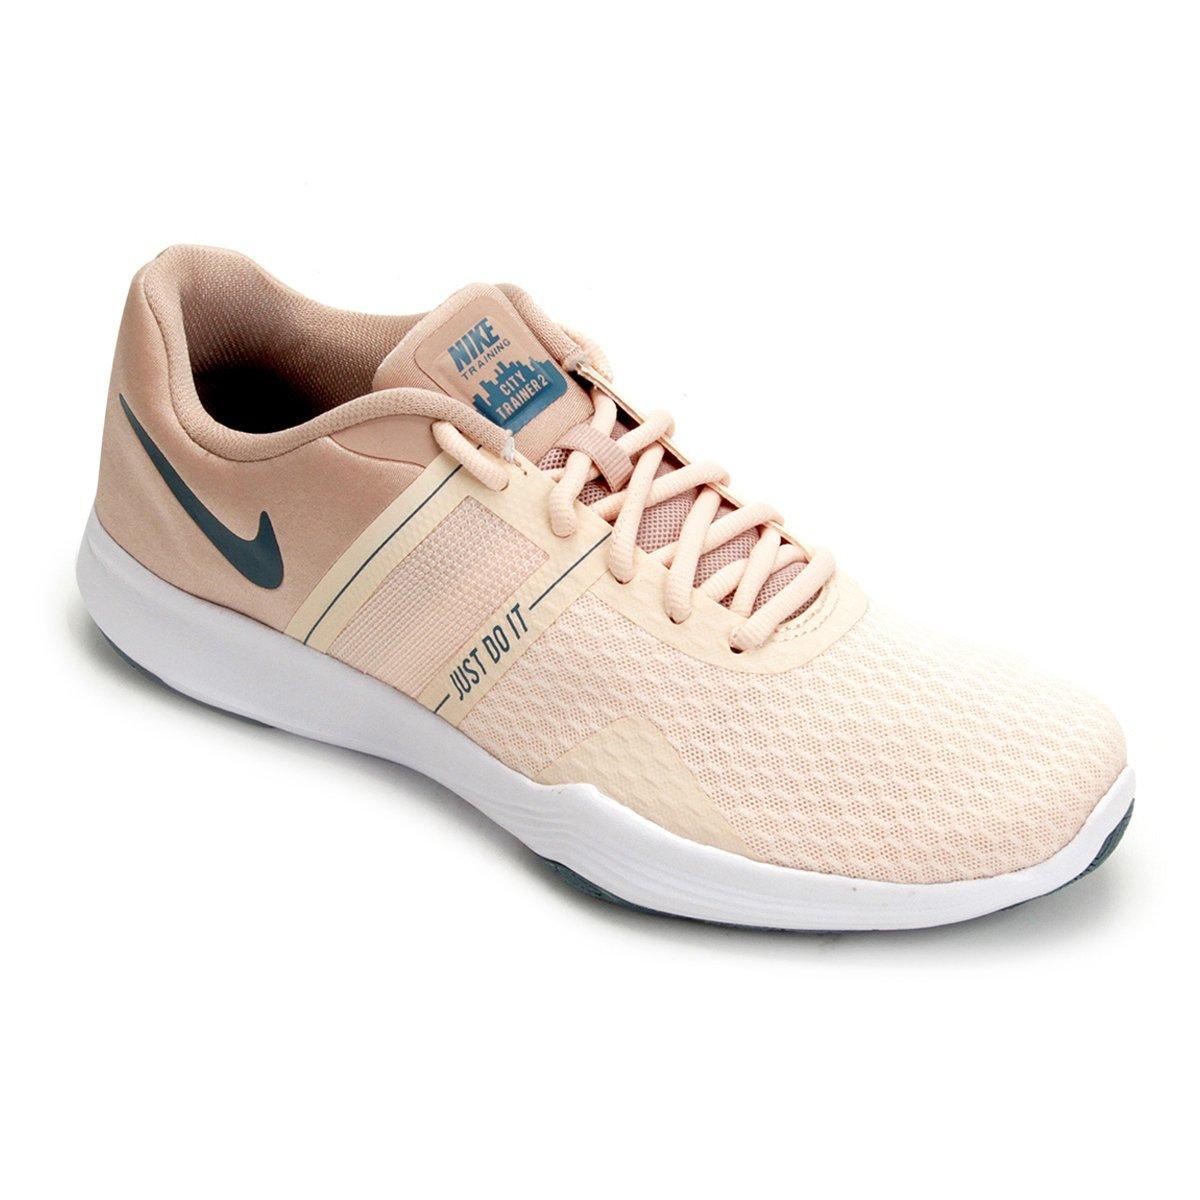 ed74aedecea09 Tênis Nike City Trainer 2 Feminino - Bege e Verde - Compre Agora ...